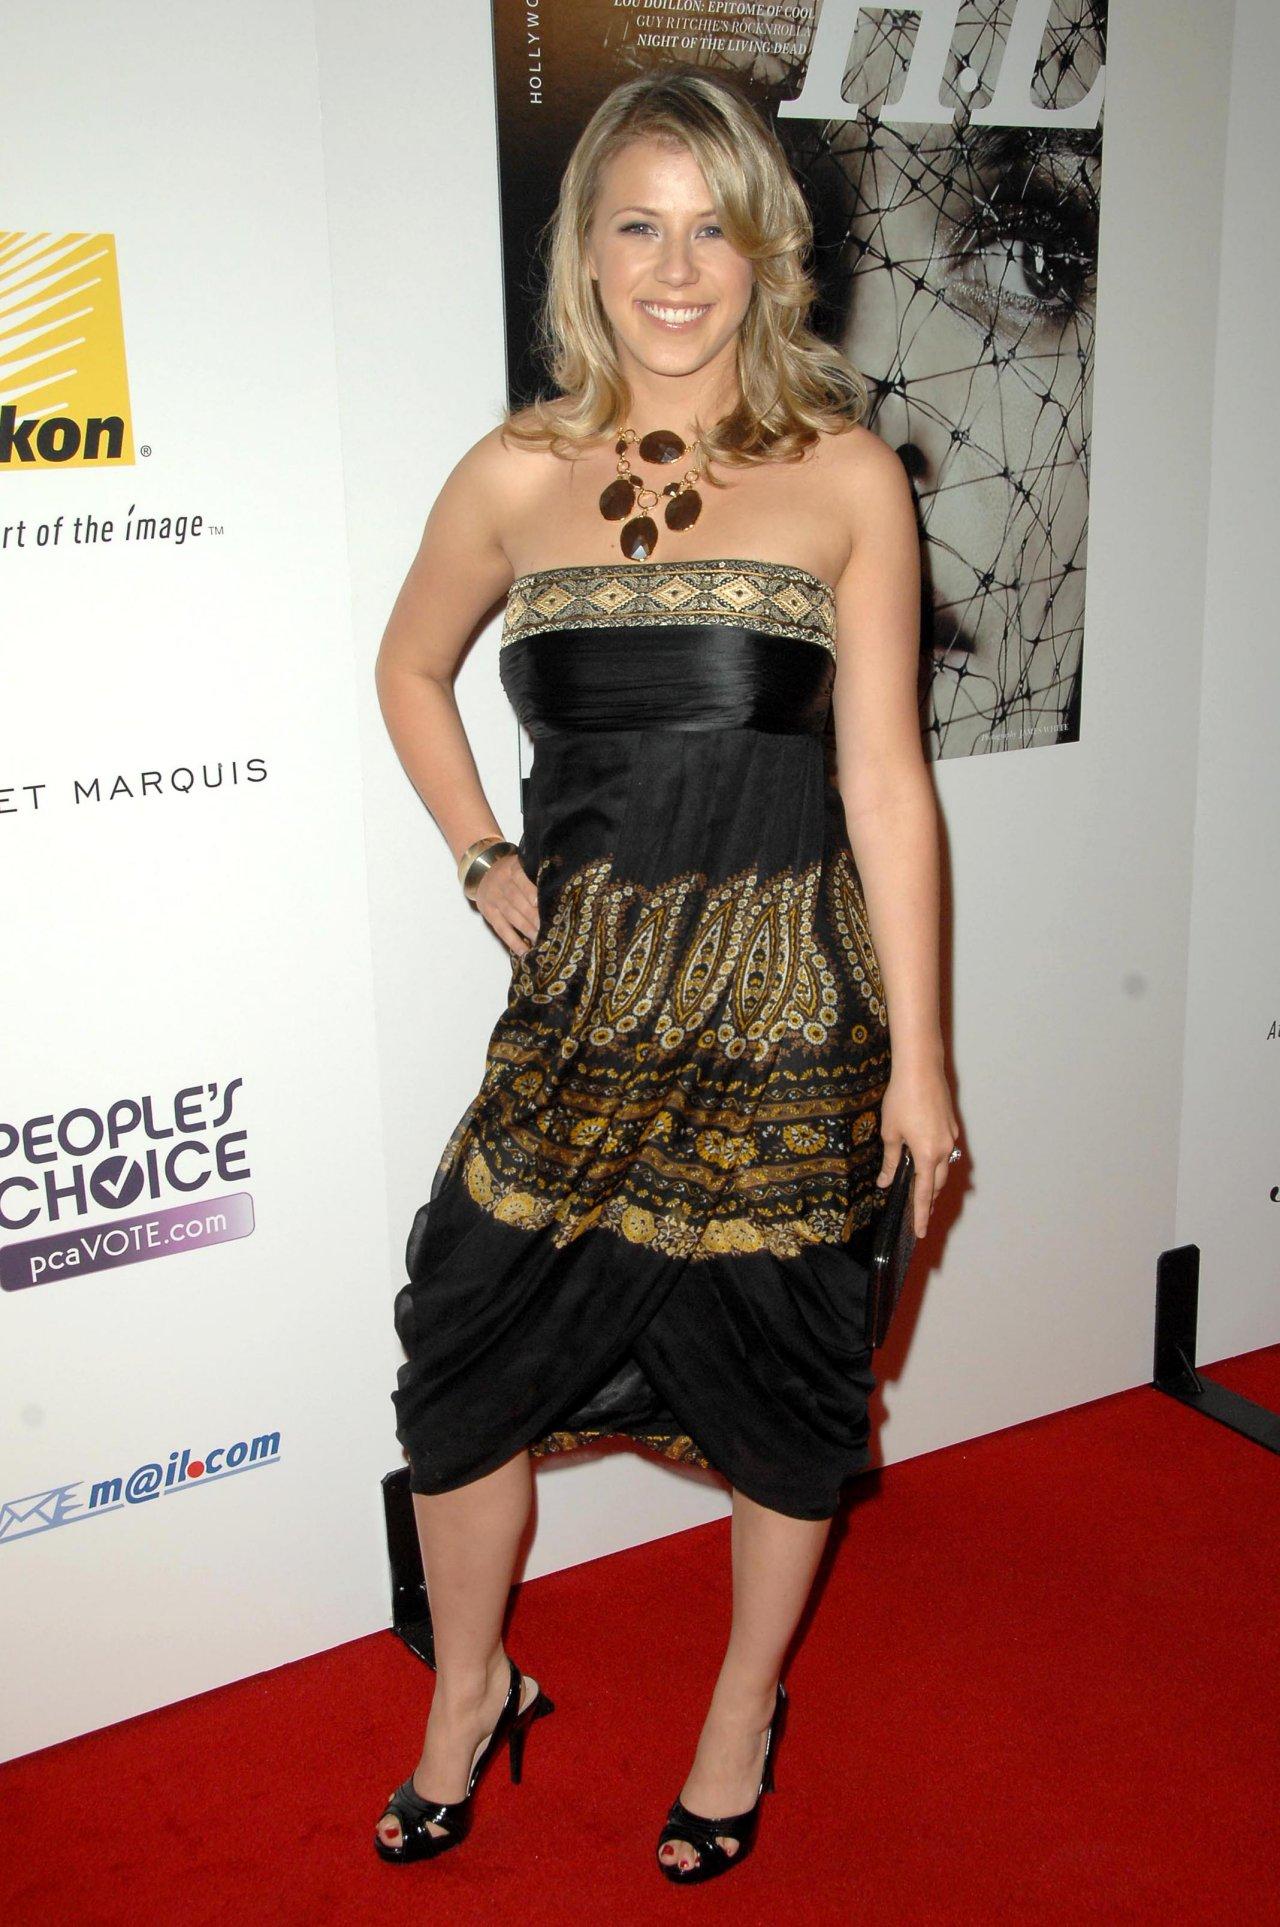 Nazan Eckes - Nude Celebrities Forum | FamousBoard.com